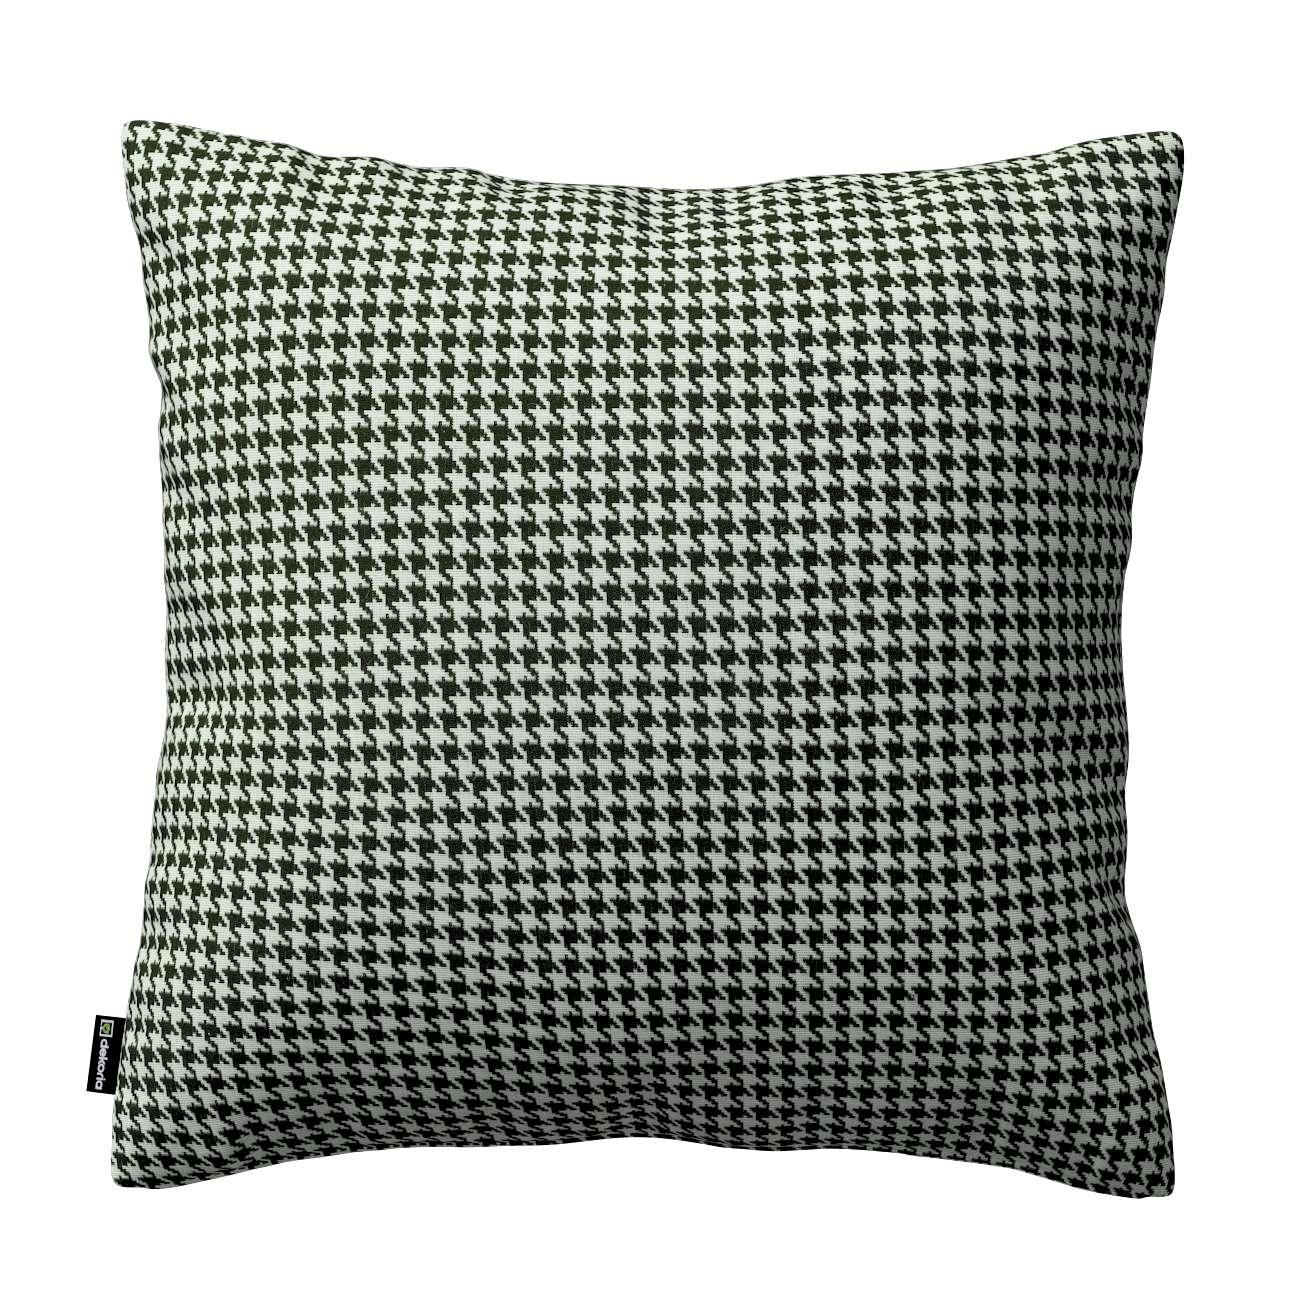 Karin - jednoduchá obliečka V kolekcii Black & White, tkanina: 142-77